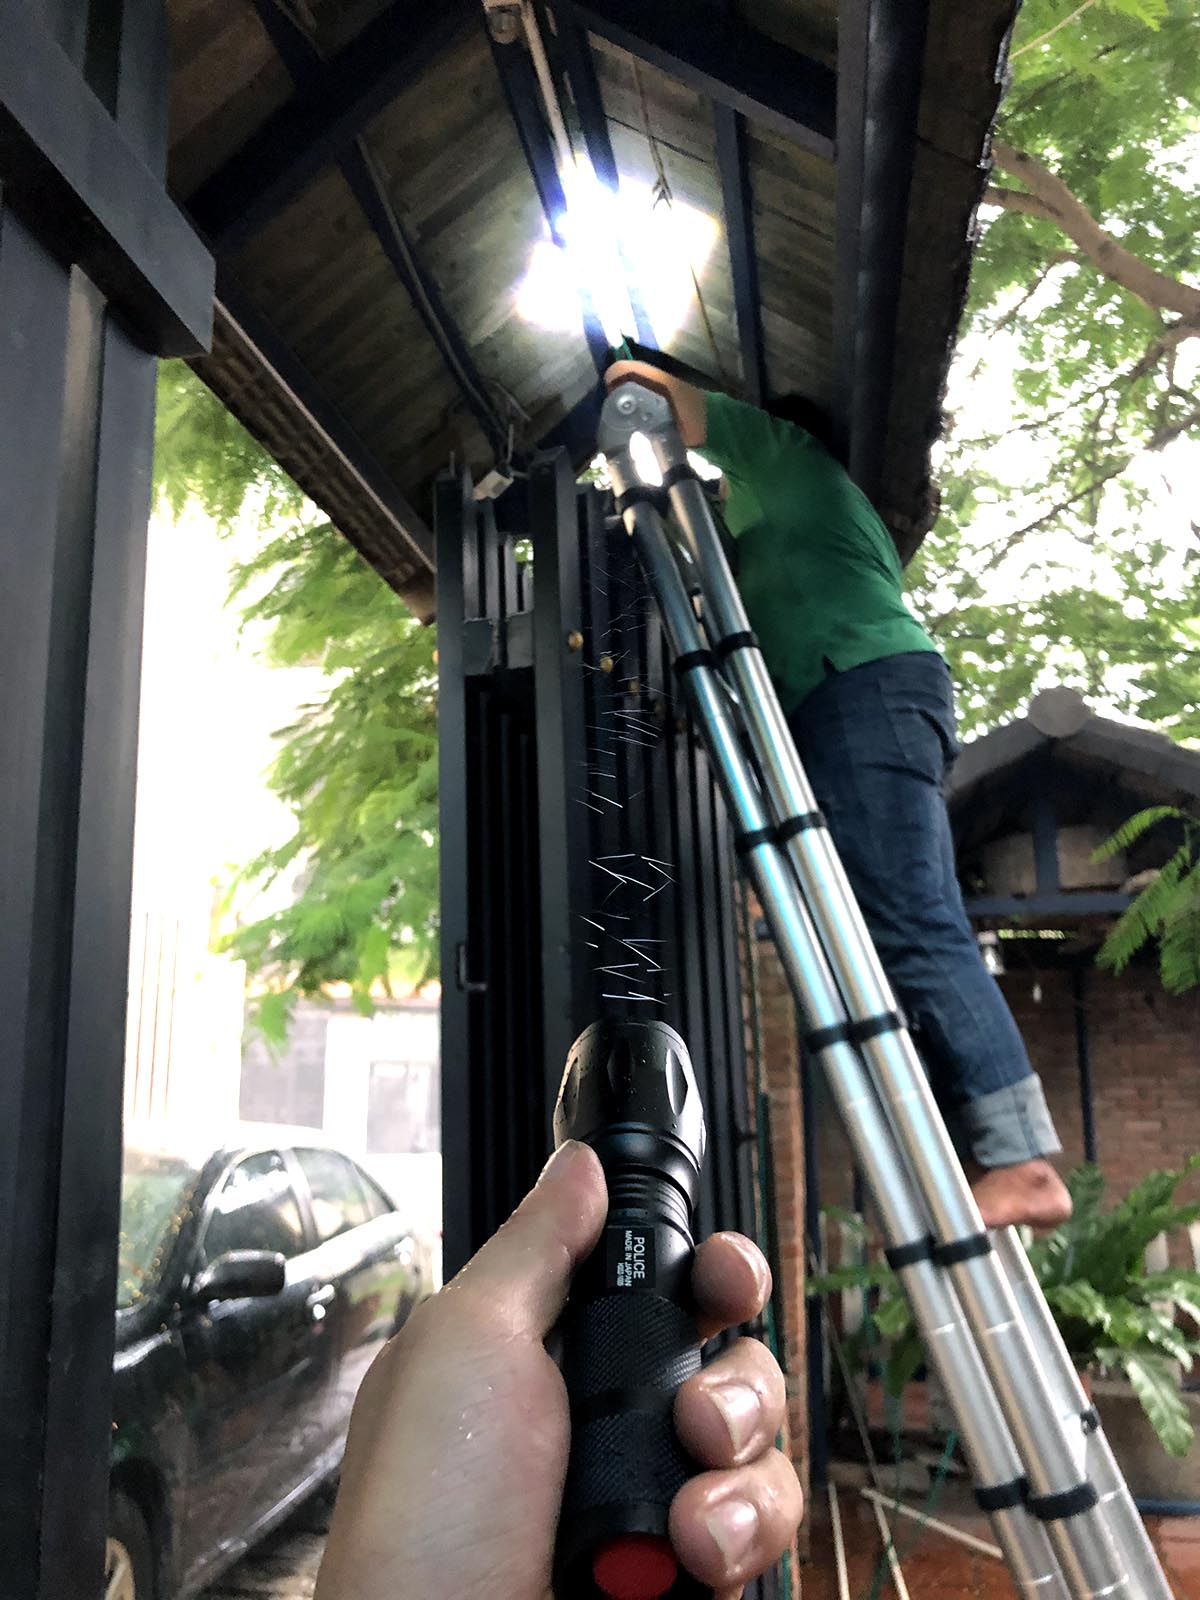 Đèn pin siêu sáng chống nước Police Nhật Bản phiên bản 2020 + Tặng 3 Pin sơ cua - 3 chế độ sáng + 2 chế độ nháy SOS + Công Nghệ Hard-anodized; Chống mài mòn, tự do - chống trầy xước, chống sốc